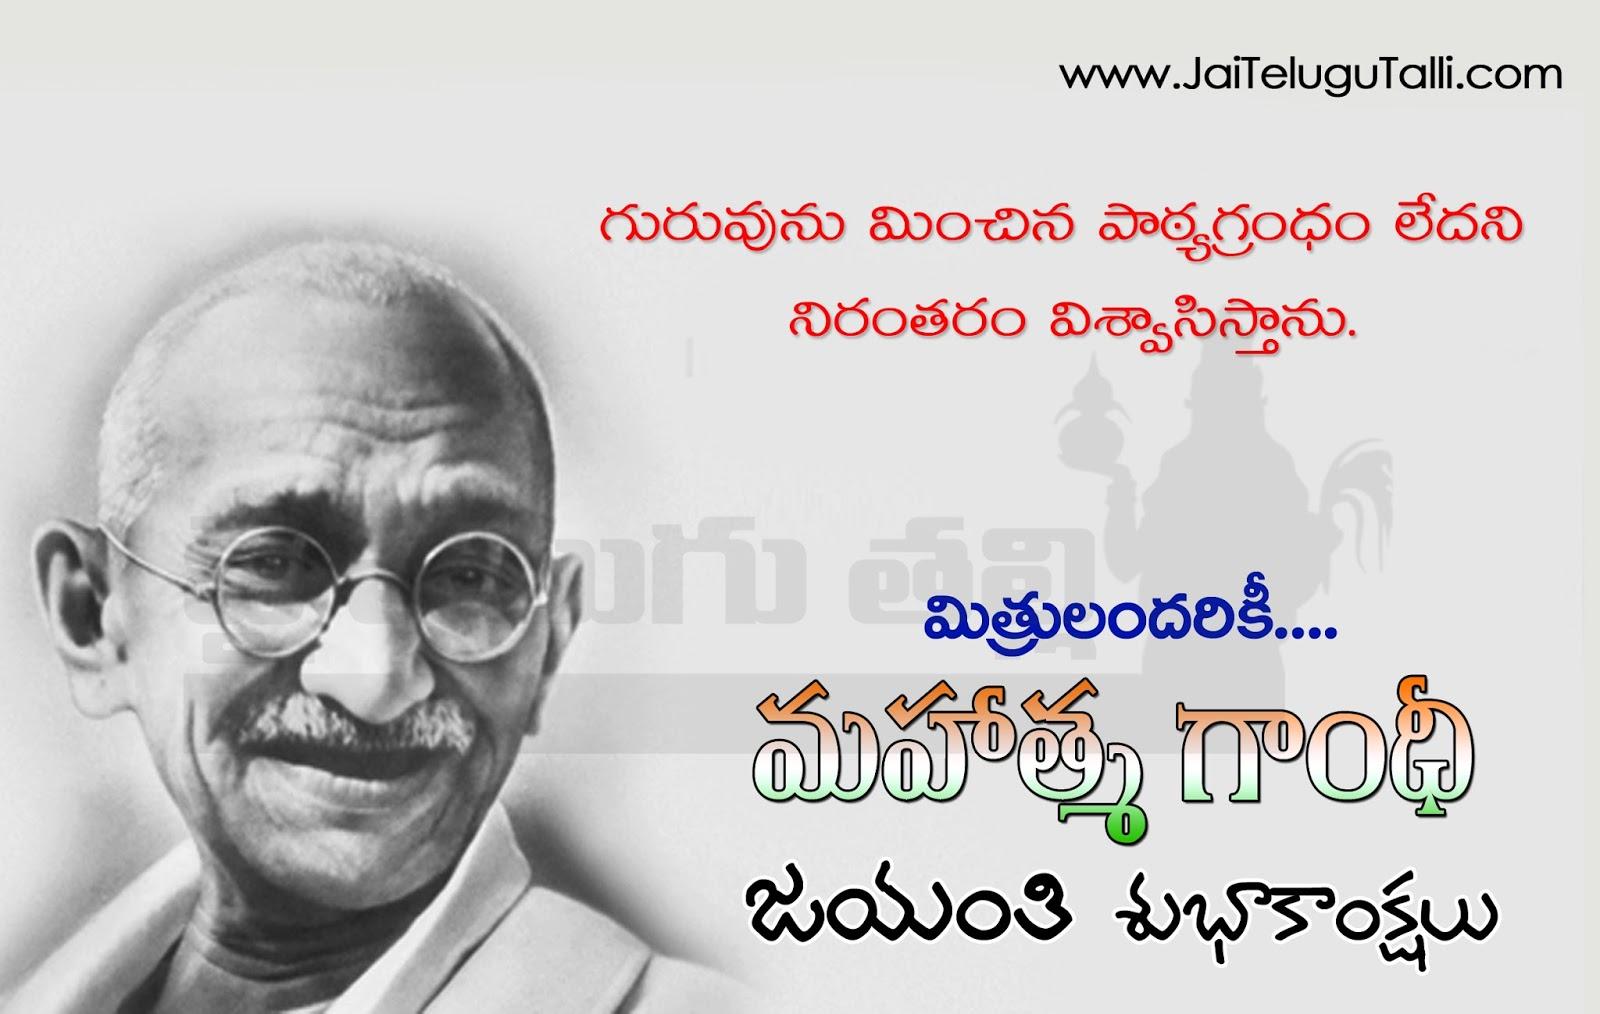 Gandhi Jayanthi Susbhakamkshalu In Telugu With Nice Images Www